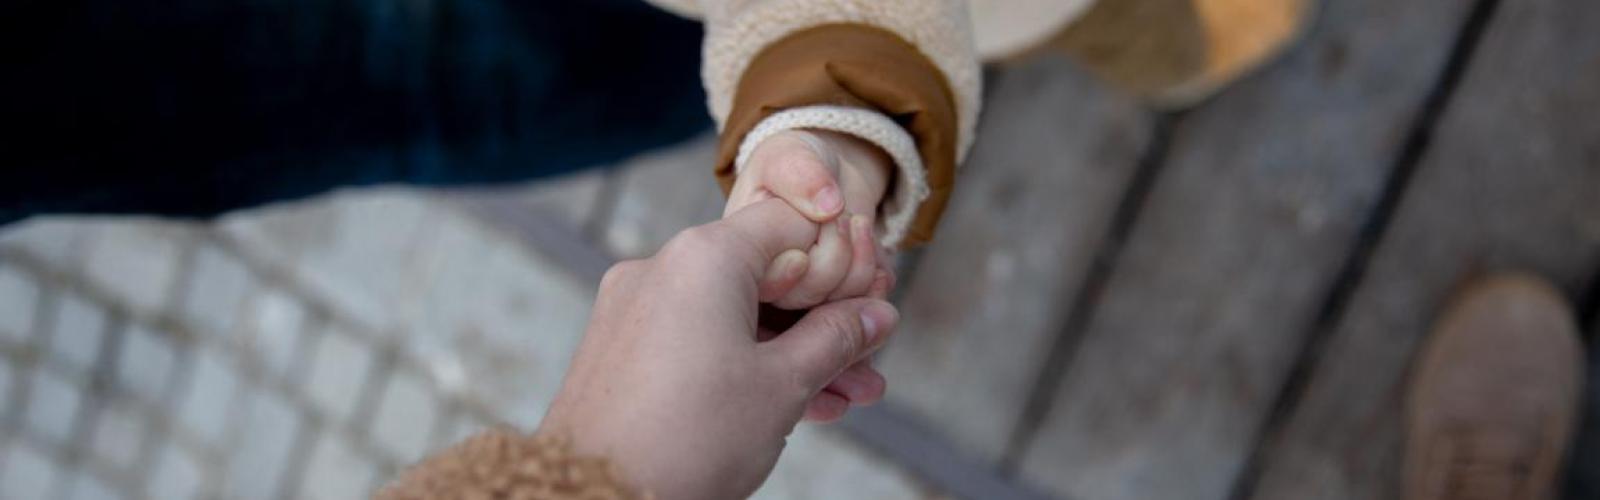 Planifiez l'année scolaire de votre famille avec une aide à la personne